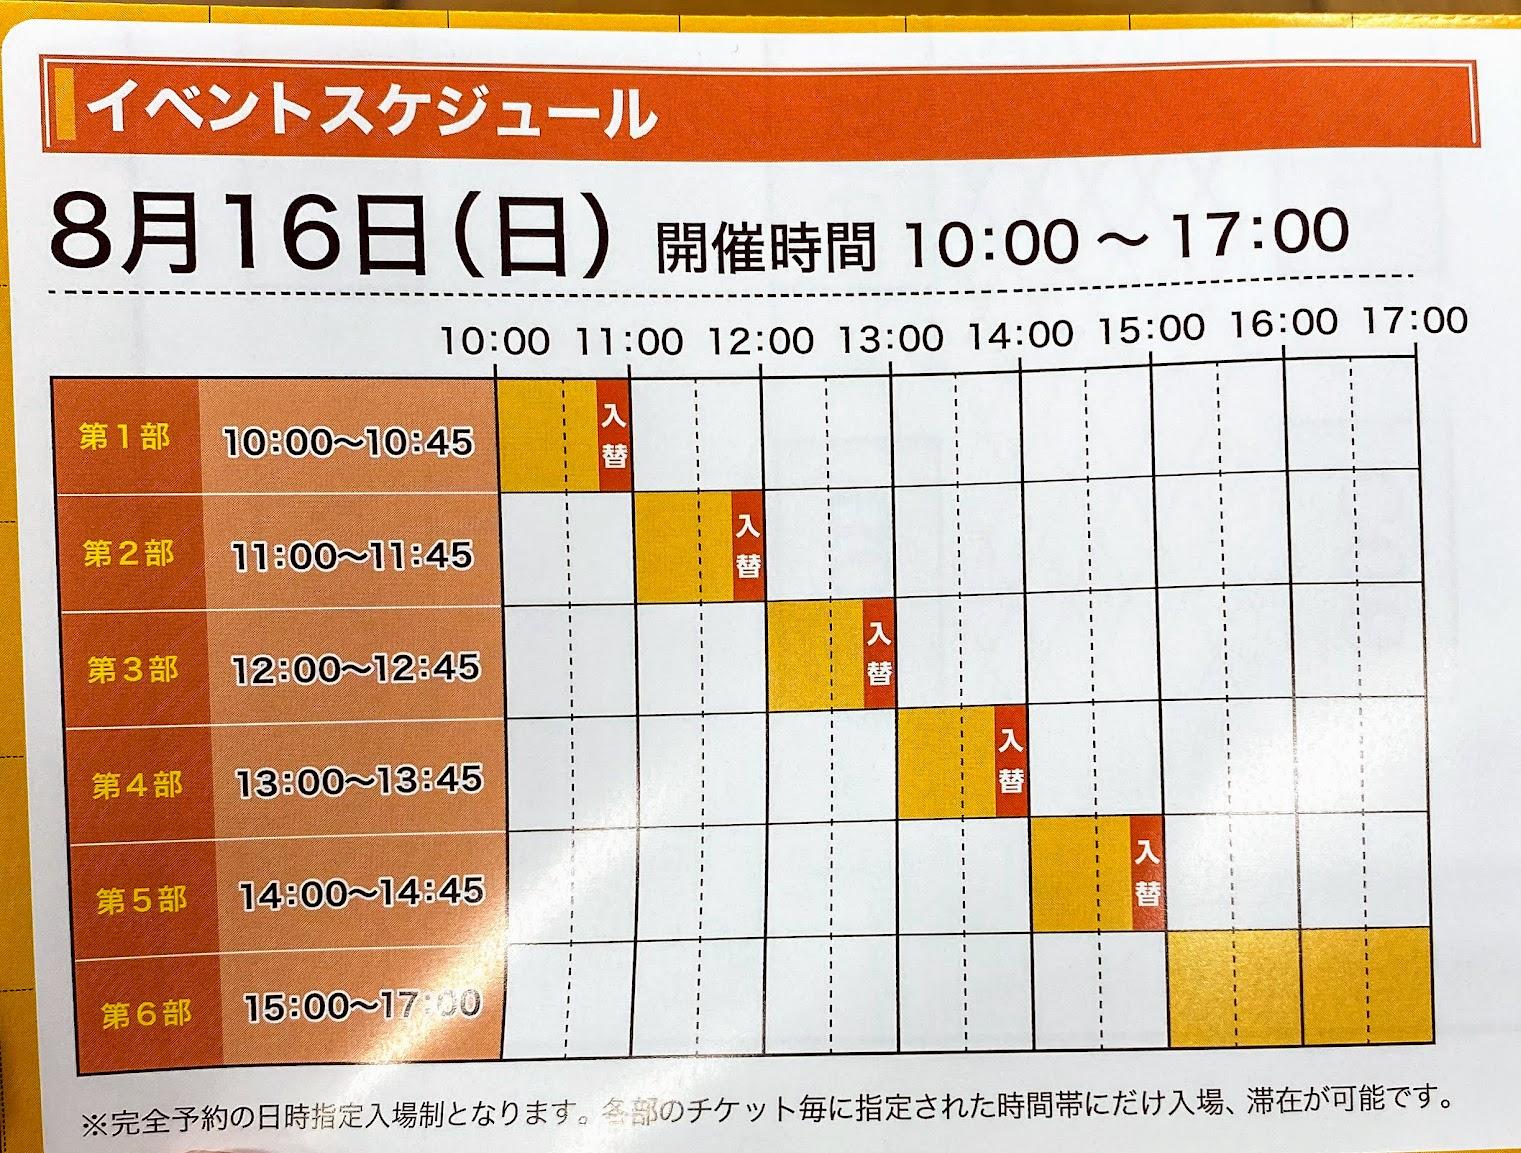 ゲームマーケット出張版2020浅草|パンフレット